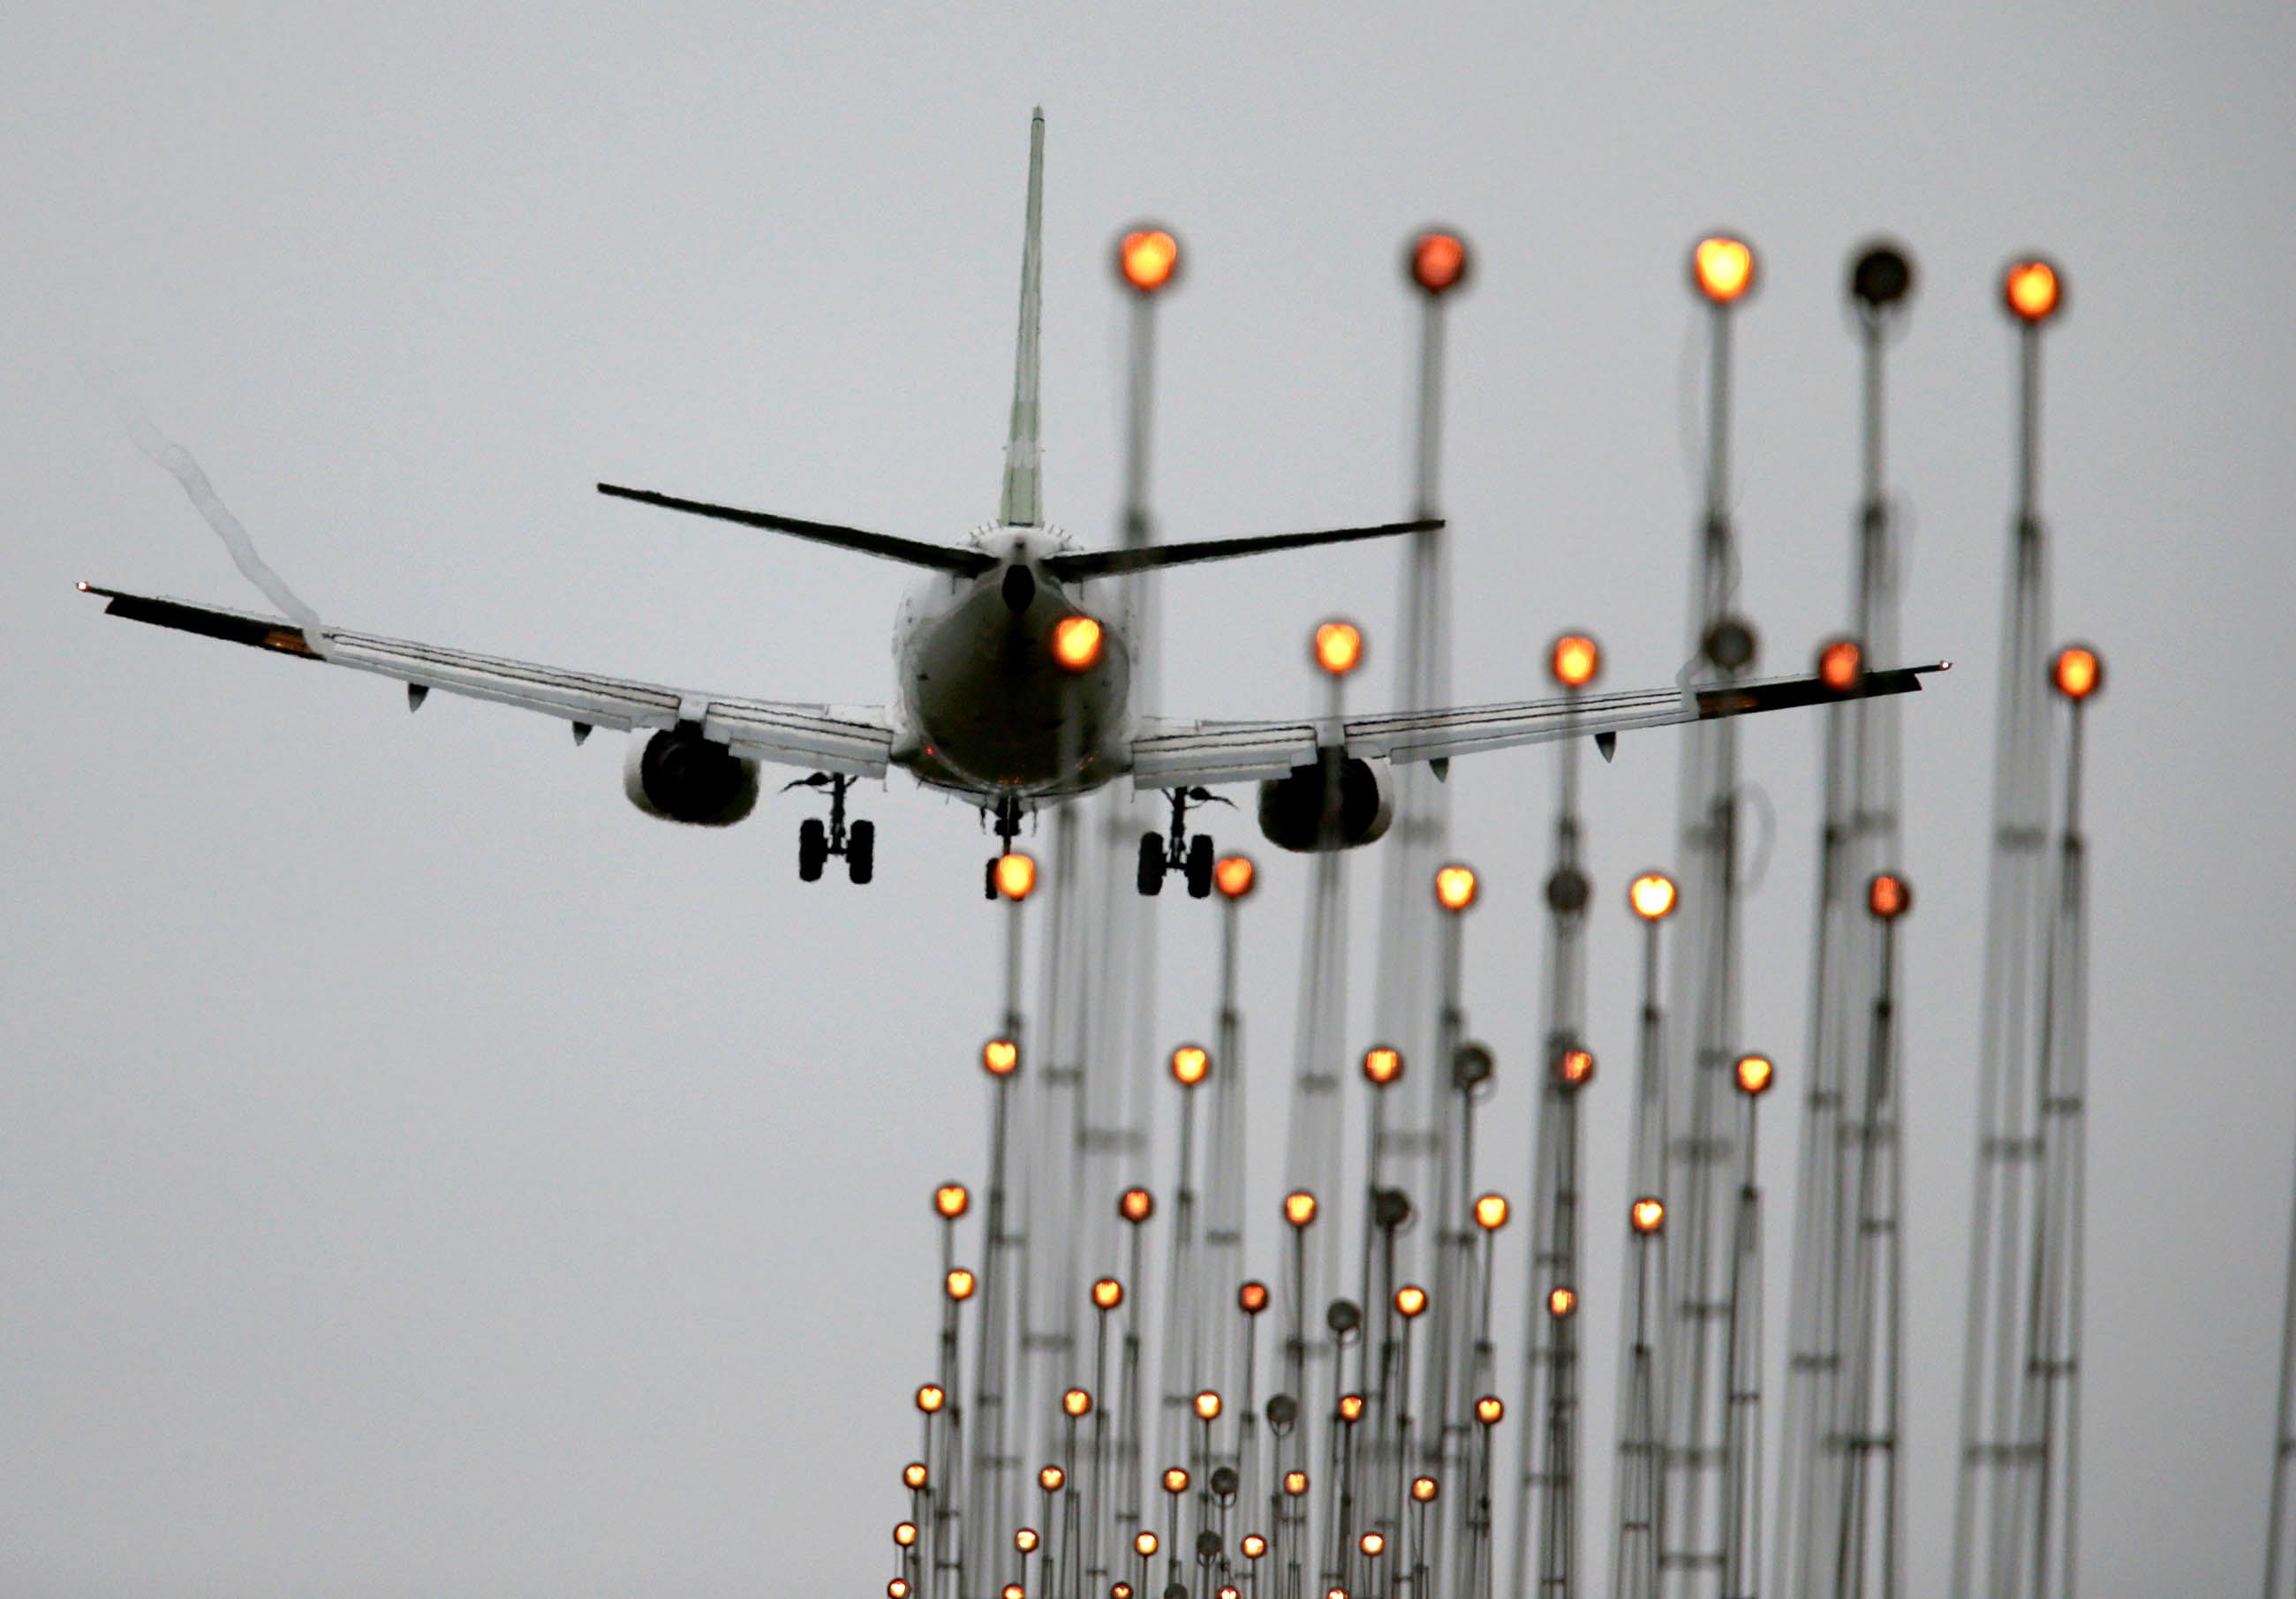 Transporte - aviação - avião voos aeroportos pousos decolagens